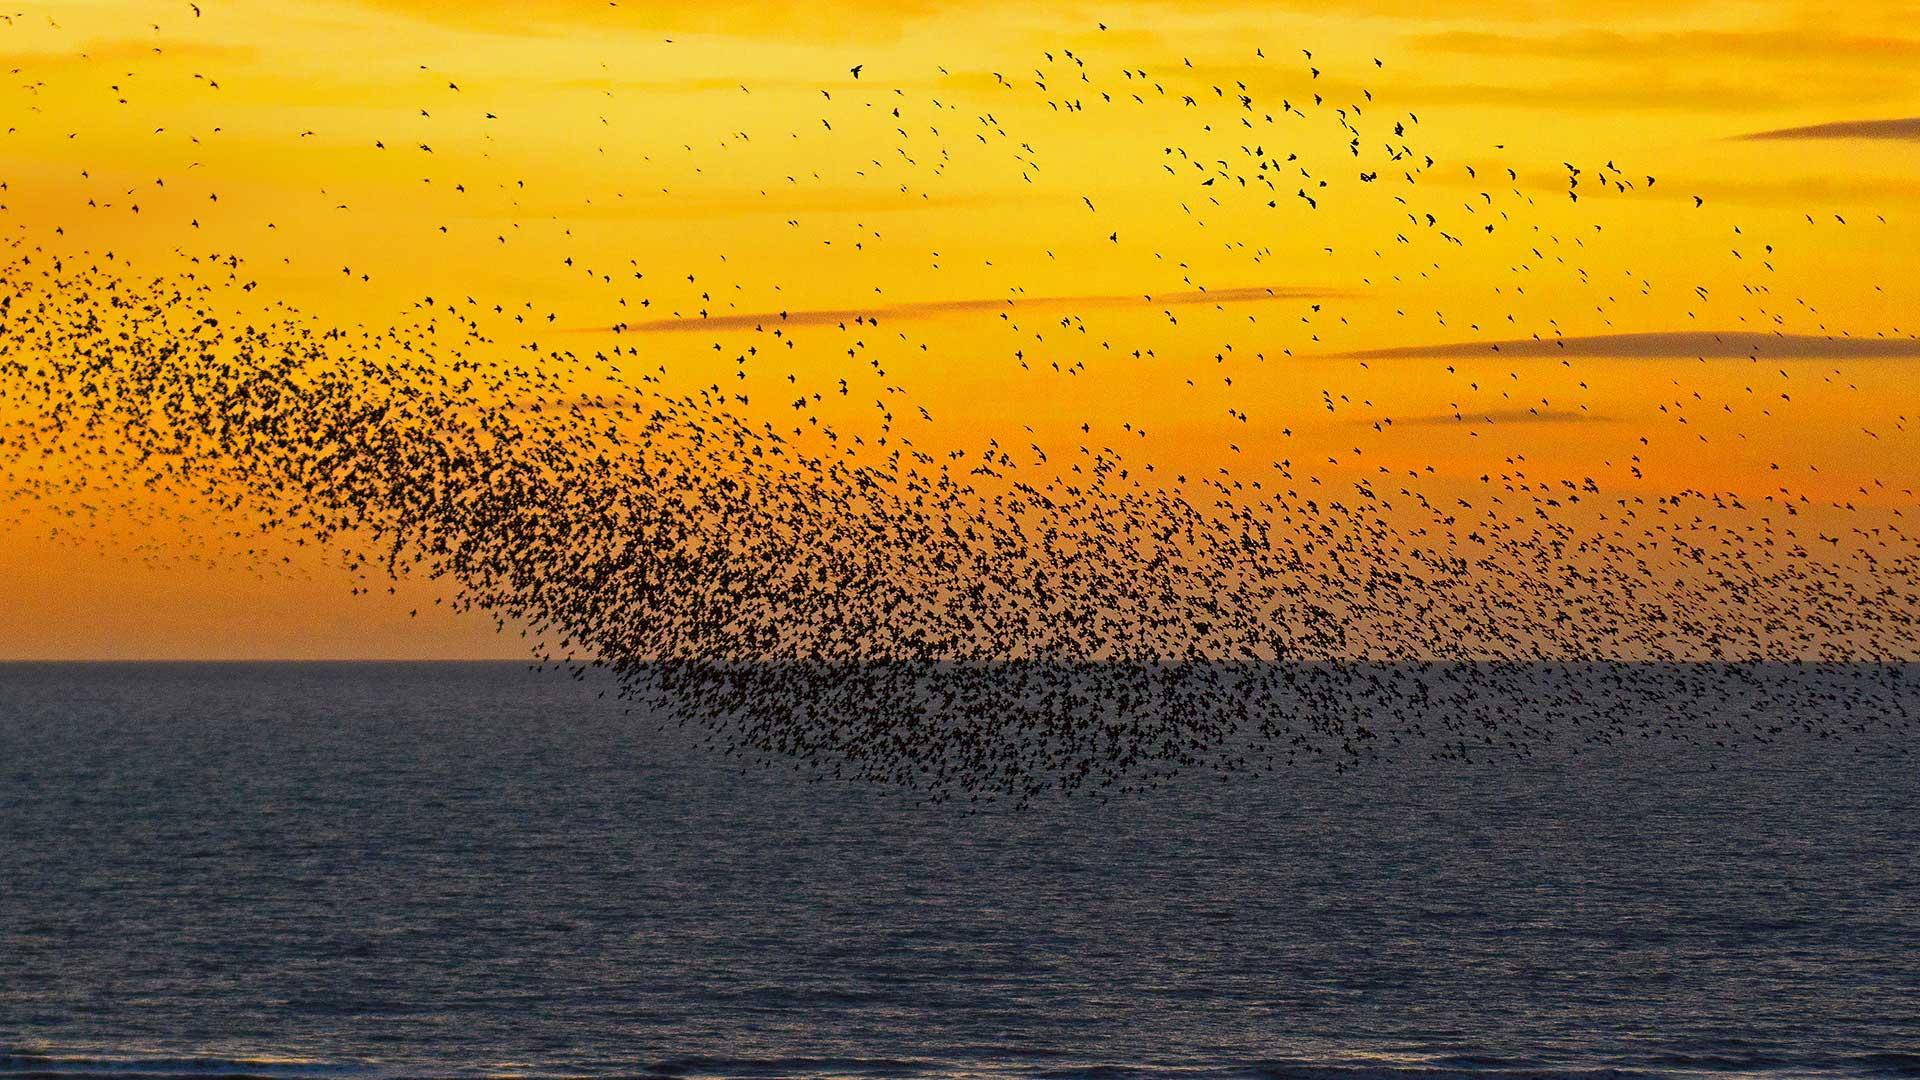 夕阳下的椋鸟椋鸟